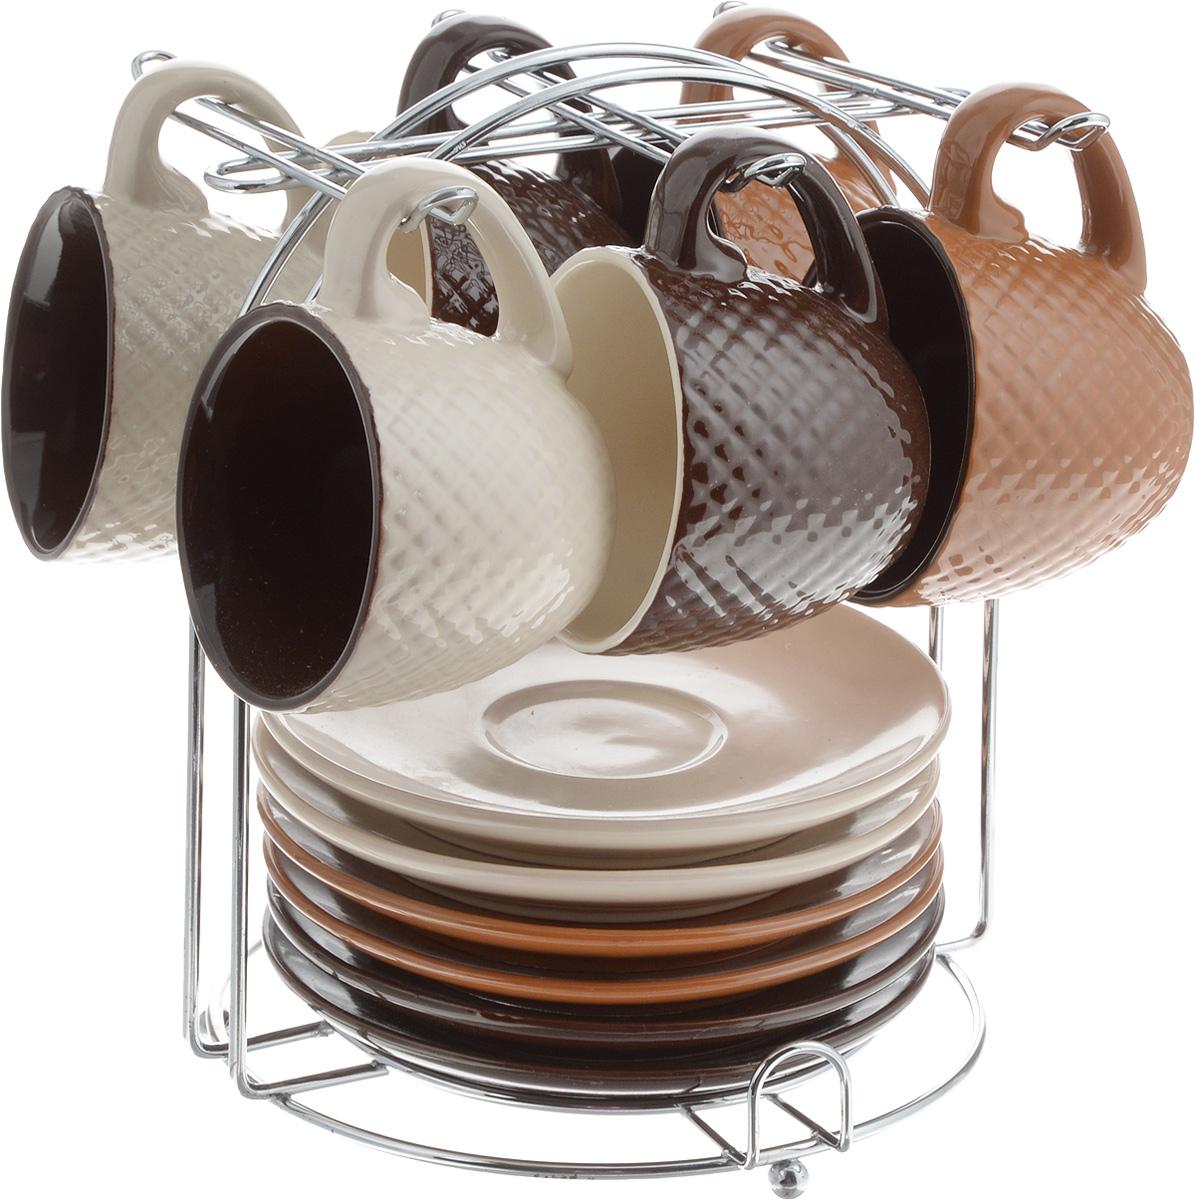 Набор кофейный Loraine, на подставке, 90 мл, 13 предметов. 2466724667Кофейный набор Loraine состоит из 6 чашек и 6 блюдец, выполненных из высококачественного керамики. Изящный дизайн придется по вкусу и ценителям классики, и тем, кто предпочитает утонченность и изысканность. Он настроит на позитивный лад и подарит хорошее настроение с самого утра. Изделия расположены на металлической подставке. Диаметр блюдца: 11,5 см.Высота блюдца: 1,5 см.Диаметр чашки (по верхнему краю): 6,5 см.Высота чашки: 5 см.Объем чашки: 90 мл.Размер подставки: 15 х 15 х 17 см.